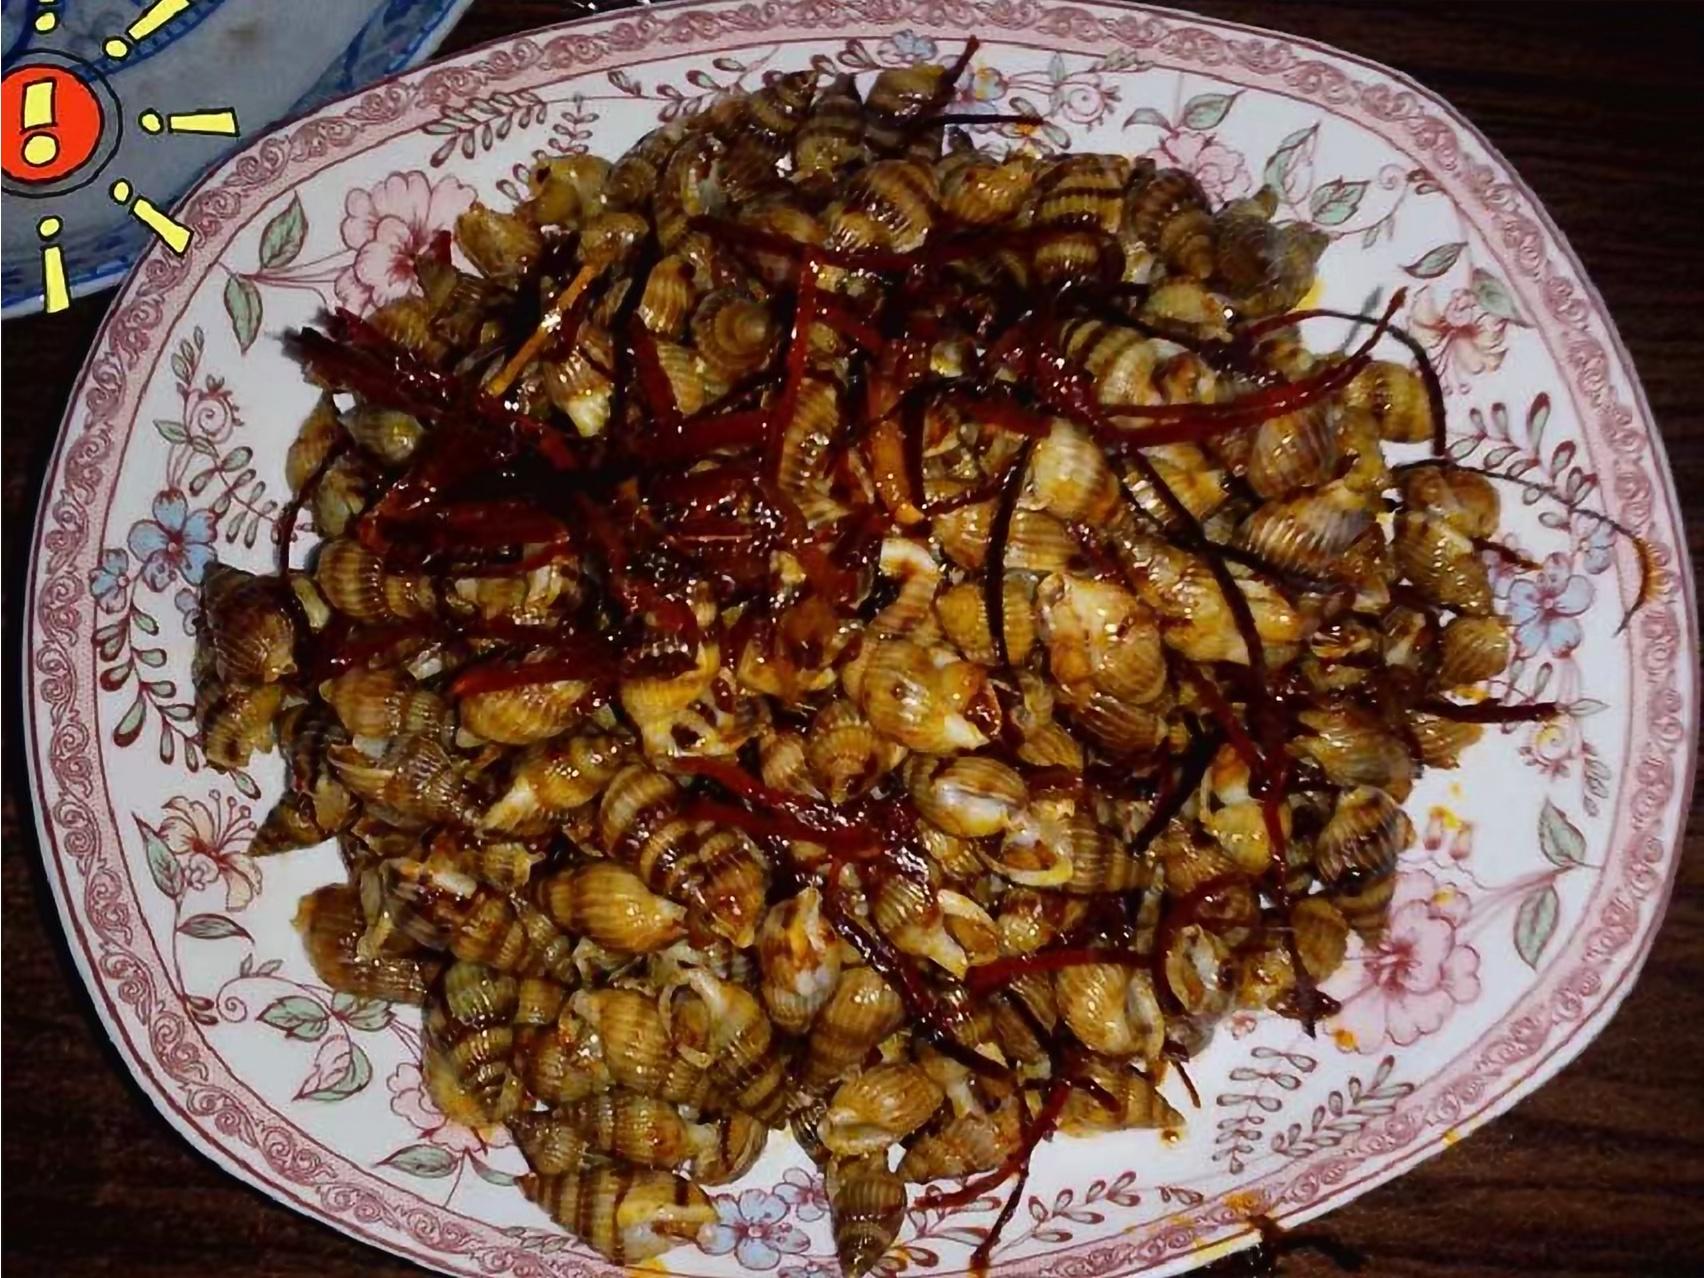 现在最适合吃什么?螺肉伺候!北京吃田螺的地方还不少